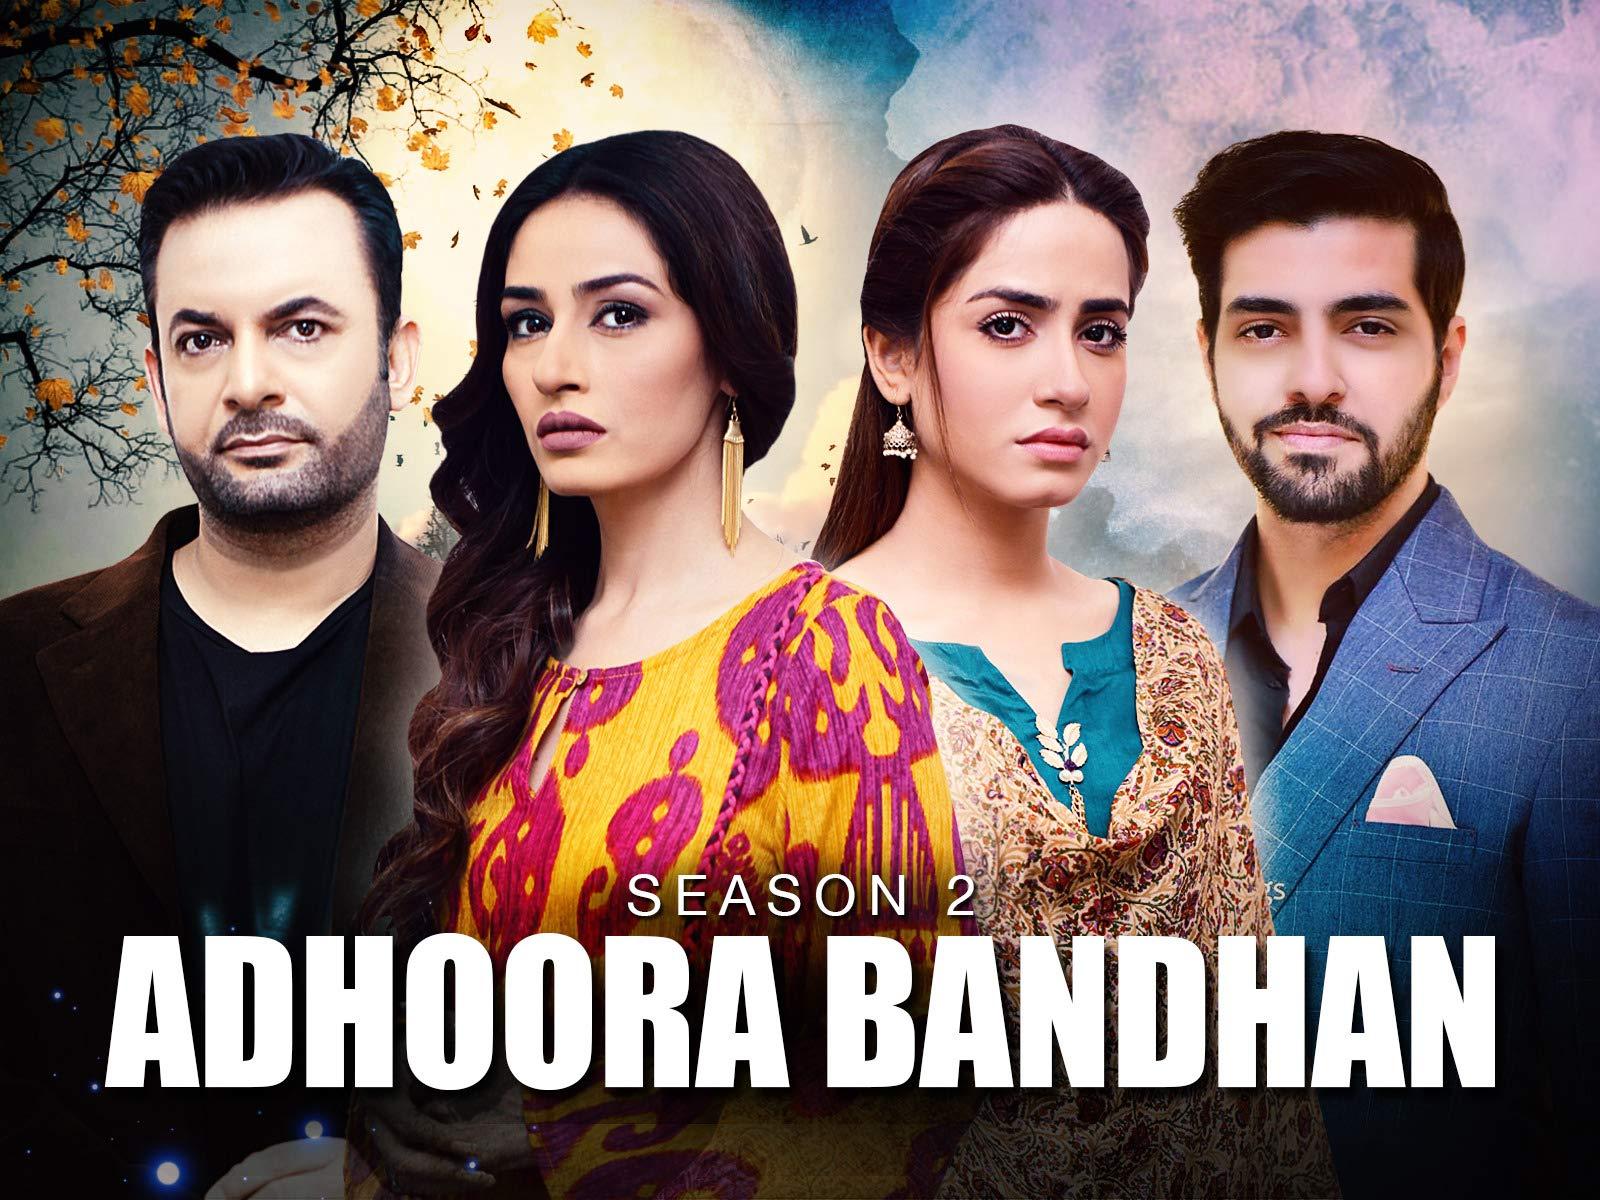 Adhoora Bandhan - Season 2